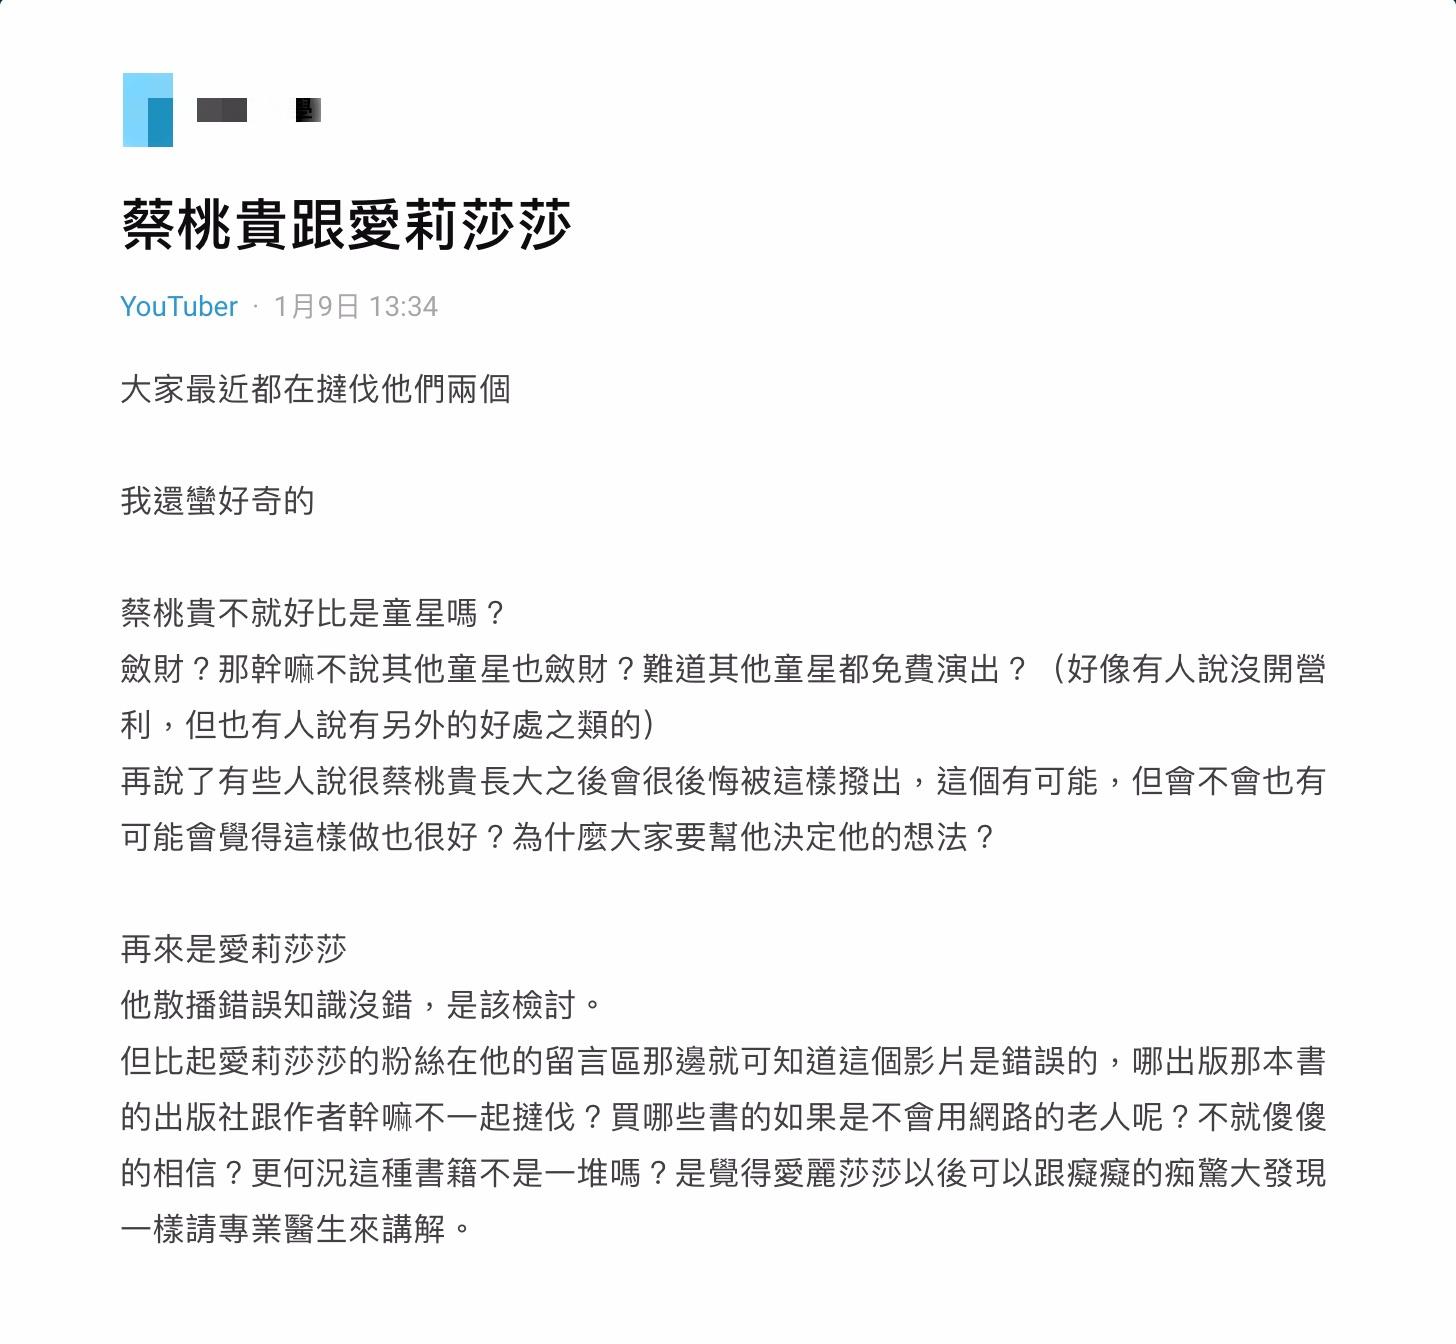 蔡桃貴、愛莉莎莎遭點名!Dcard論爭議型網紅 「他」遭全網撻伐:散播不實資訊